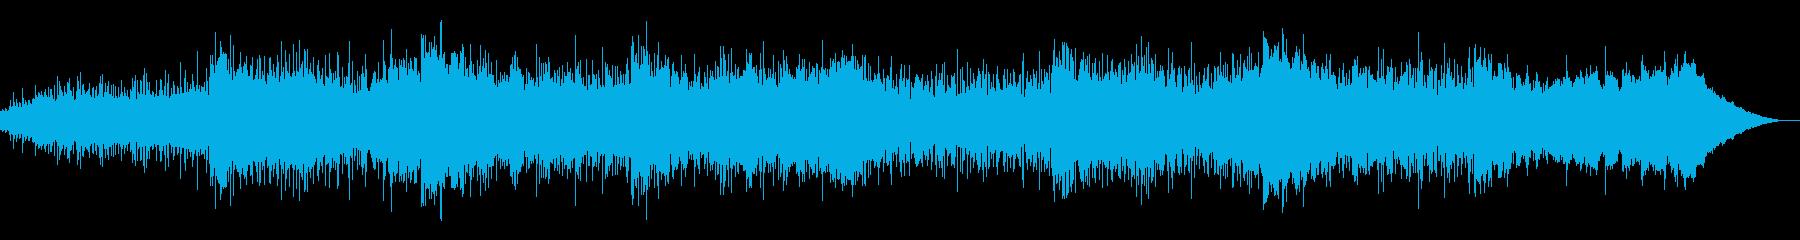 エレクトロニックで奇妙なテクスチャーの再生済みの波形